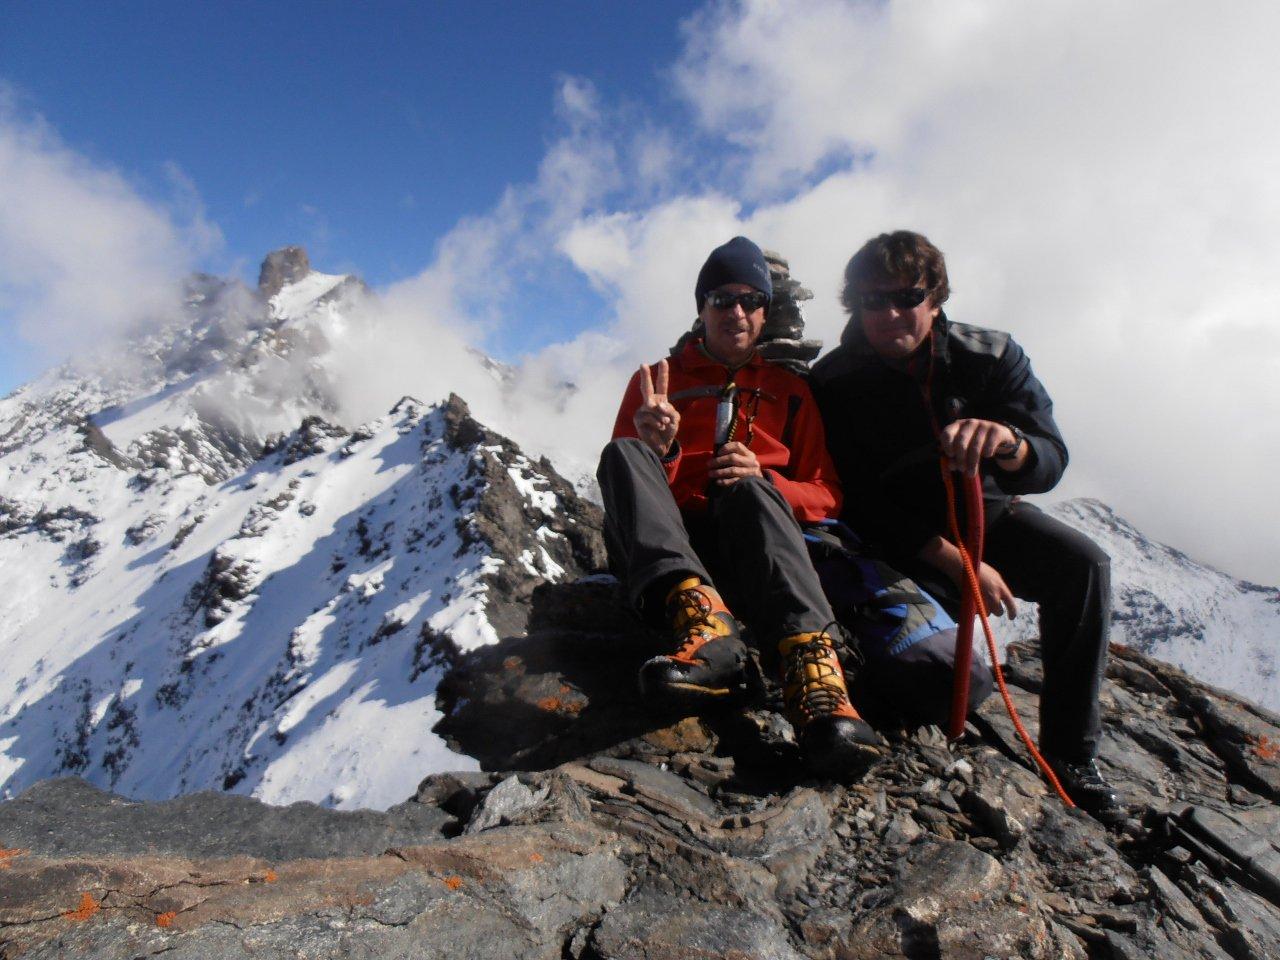 01 - sulla cima nord con il Grand Roc alle spalle